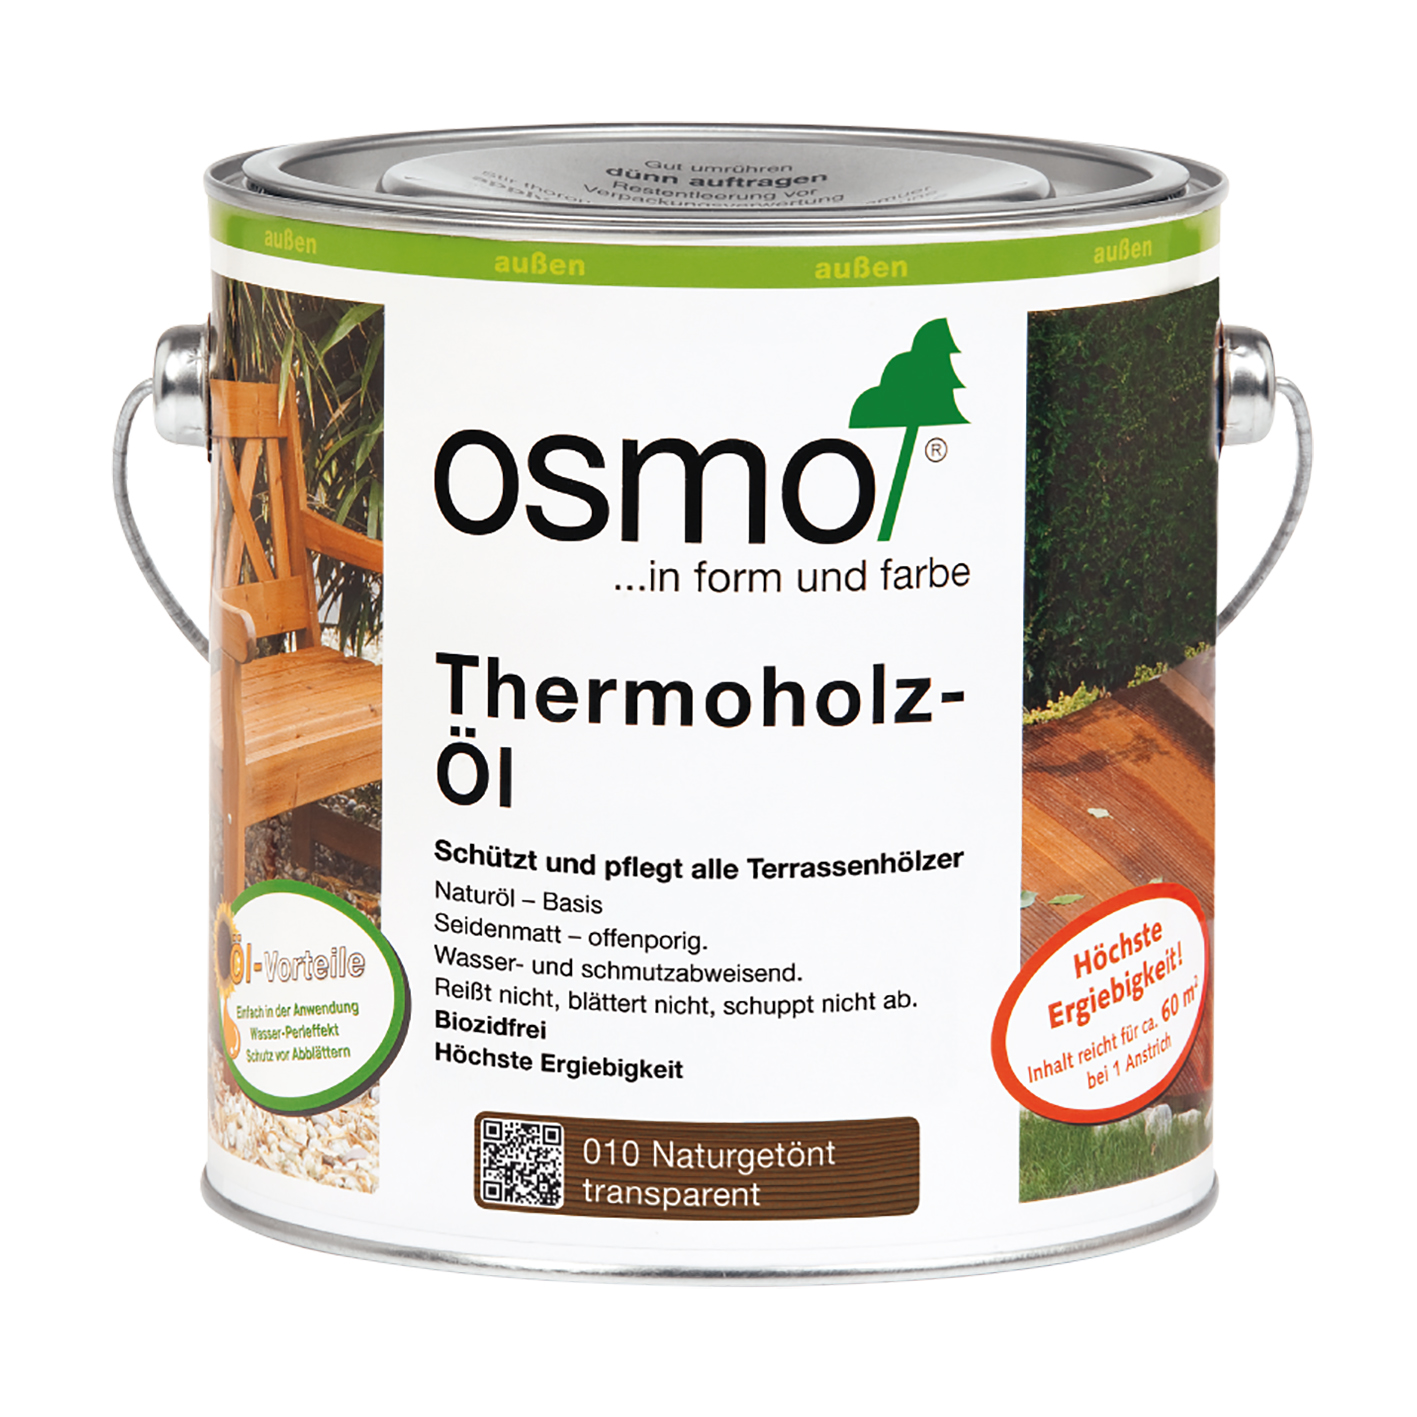 Osmo Thermoholz-Öl 2,5 Ltr.